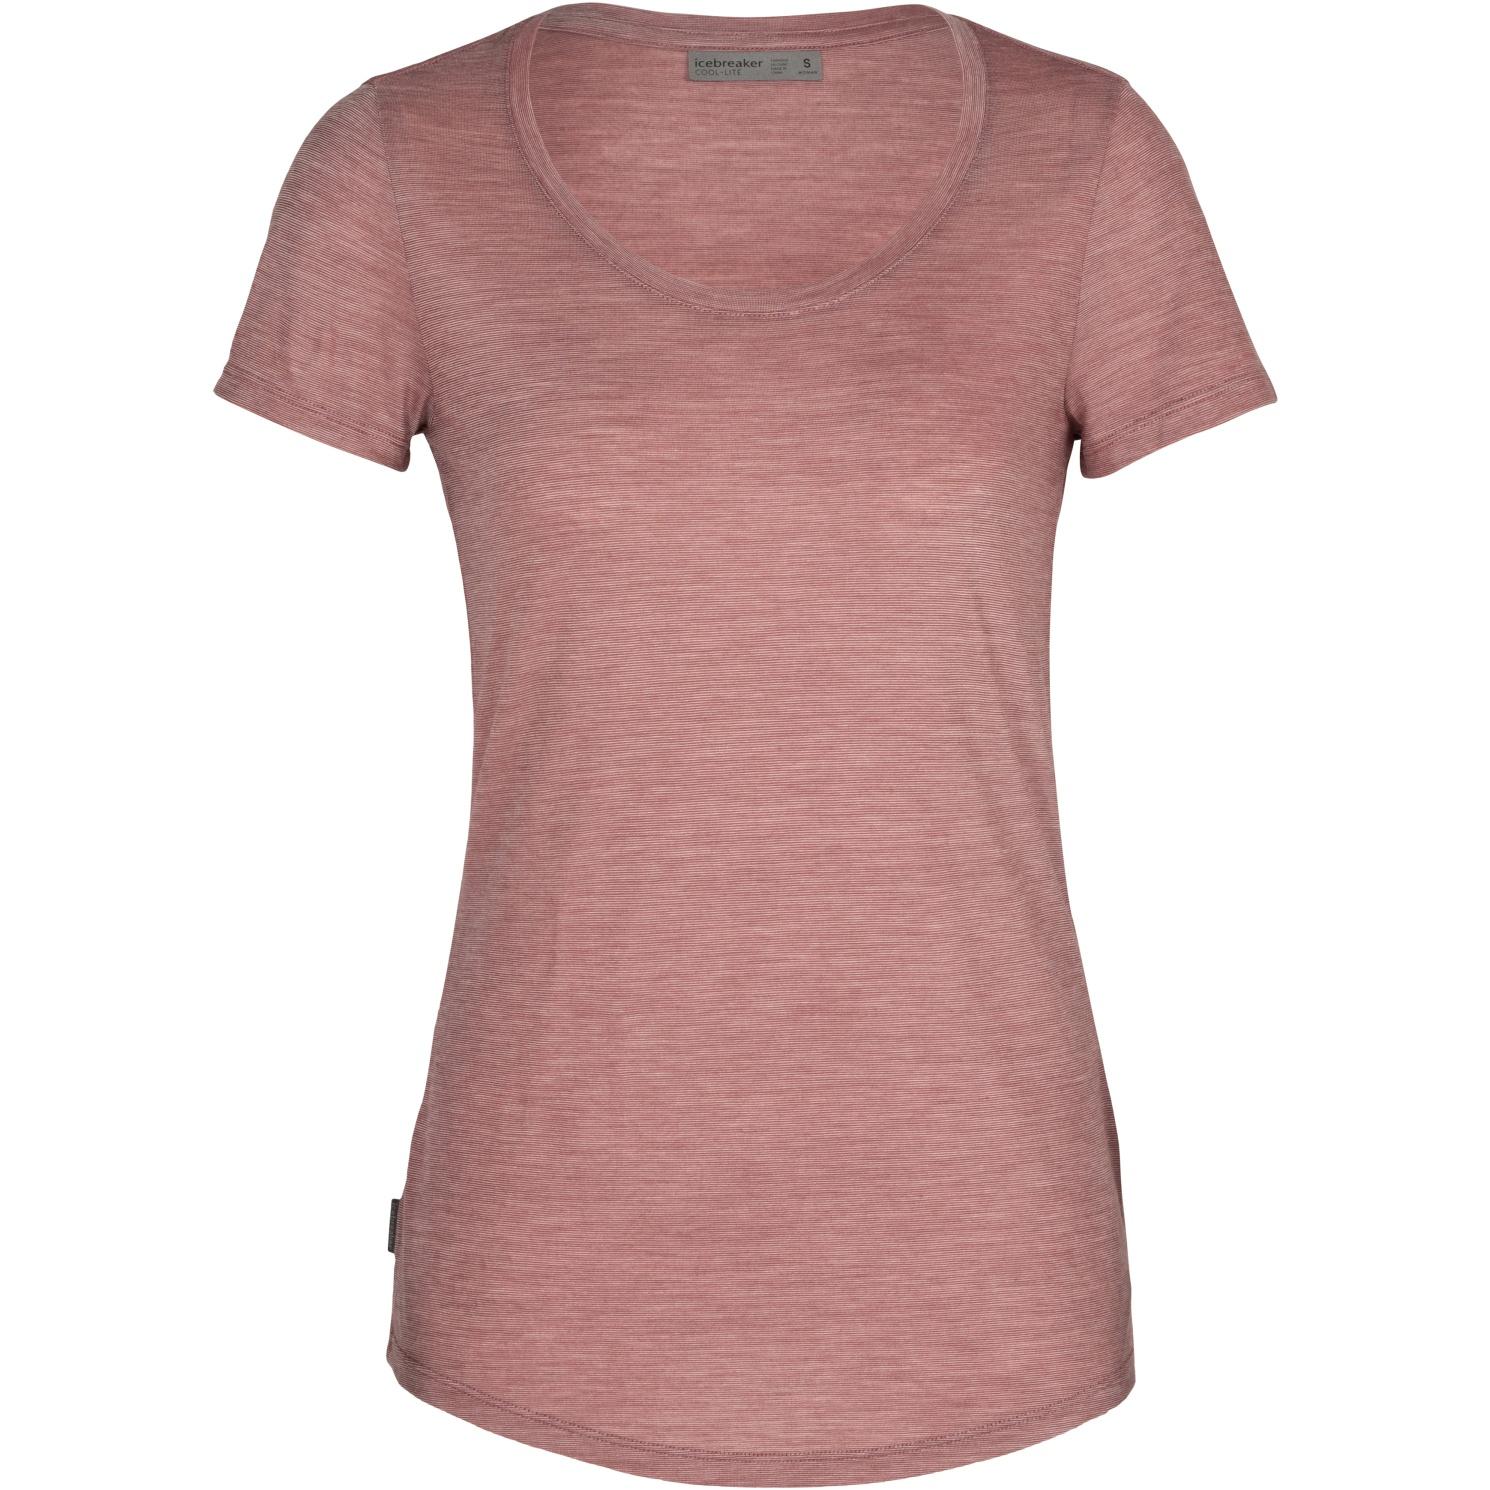 Produktbild von Icebreaker Sphere Scoop Damen T-Shirt - Suede